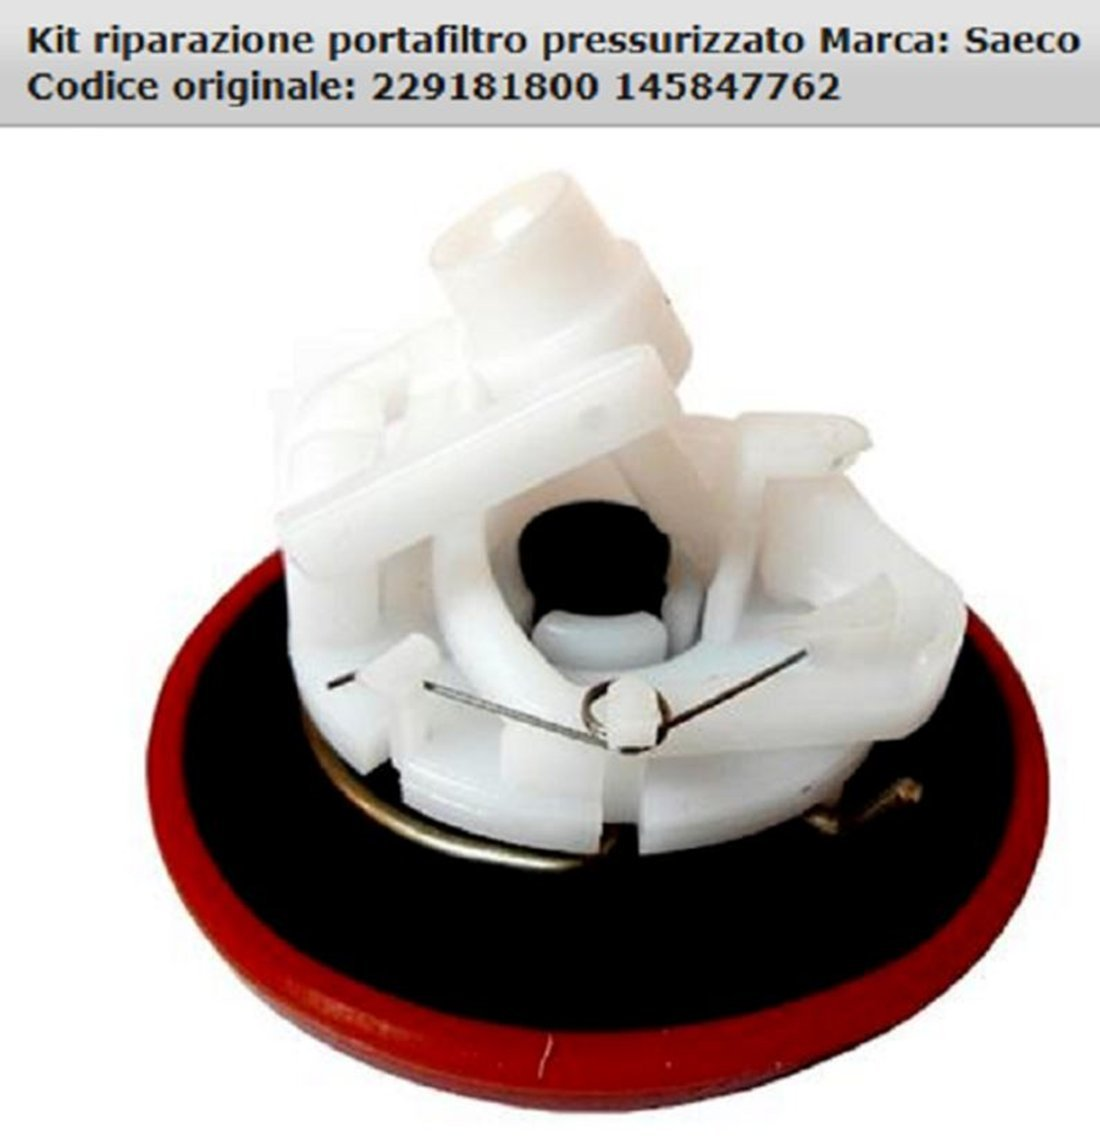 * CD 38880000/* * Junta para portafiltros presurizado no Original El Campo 8033266103293/* * Saeco Kit reparaci/ón Muelle * * * *